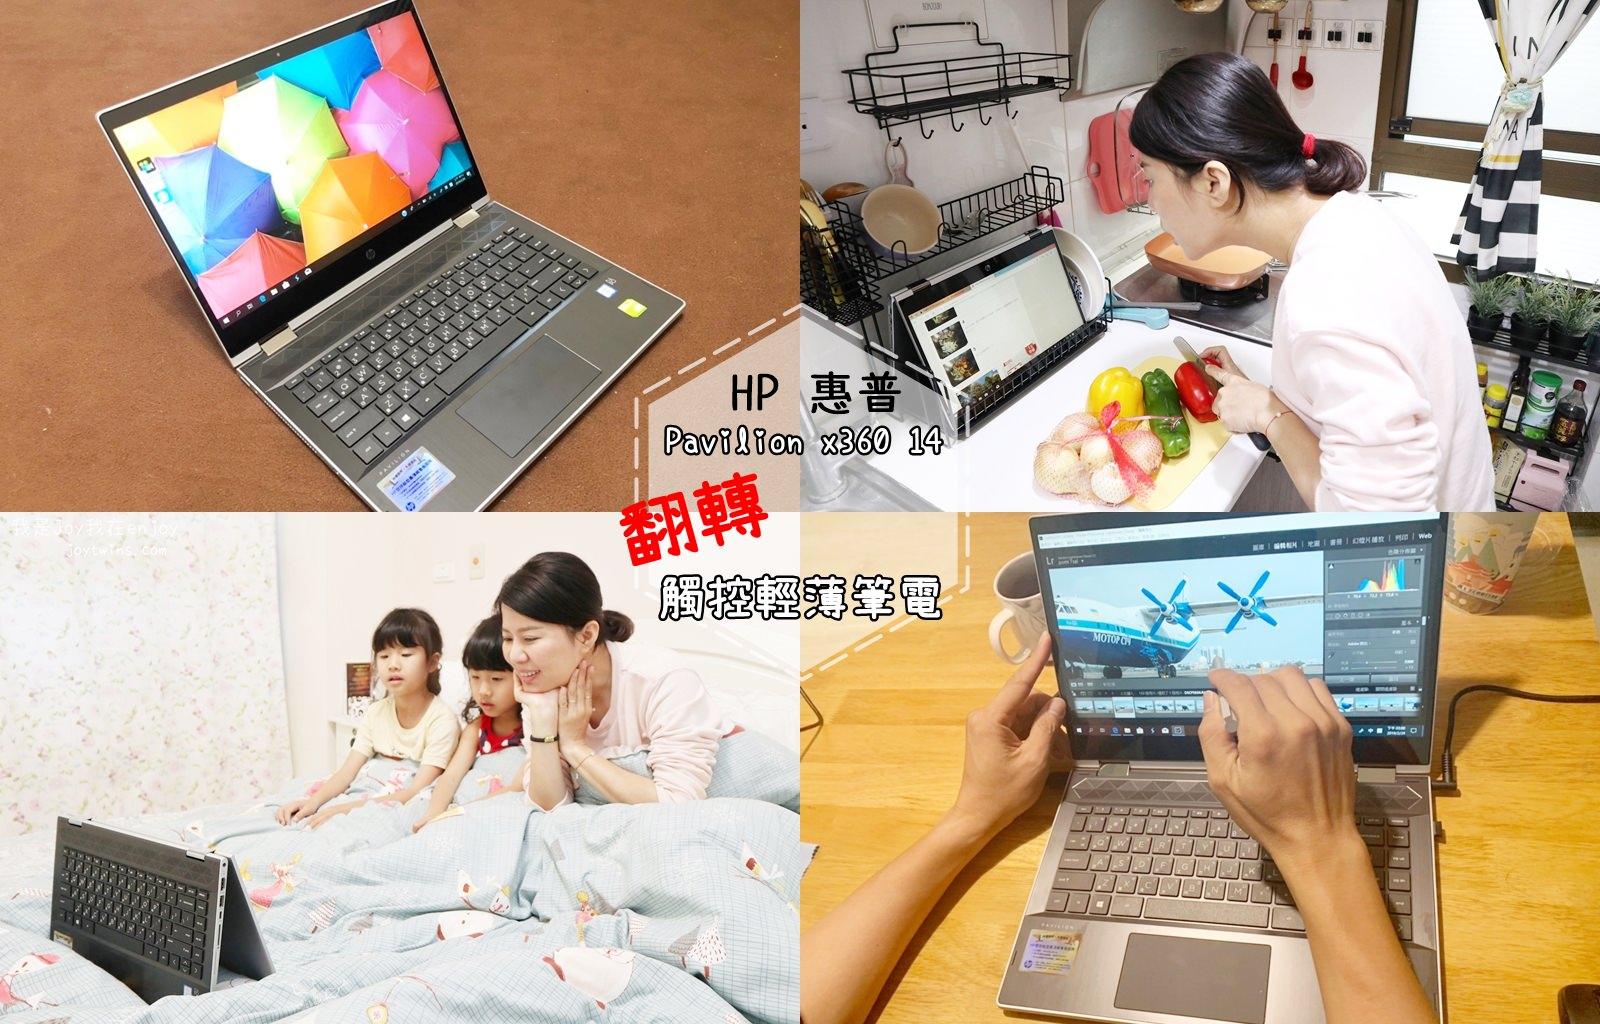 一機多用!【HP 惠普】Pavilion x360 14-cd1054TX  14吋輕薄+翻轉+觸控筆電 筆電界的變形金剛